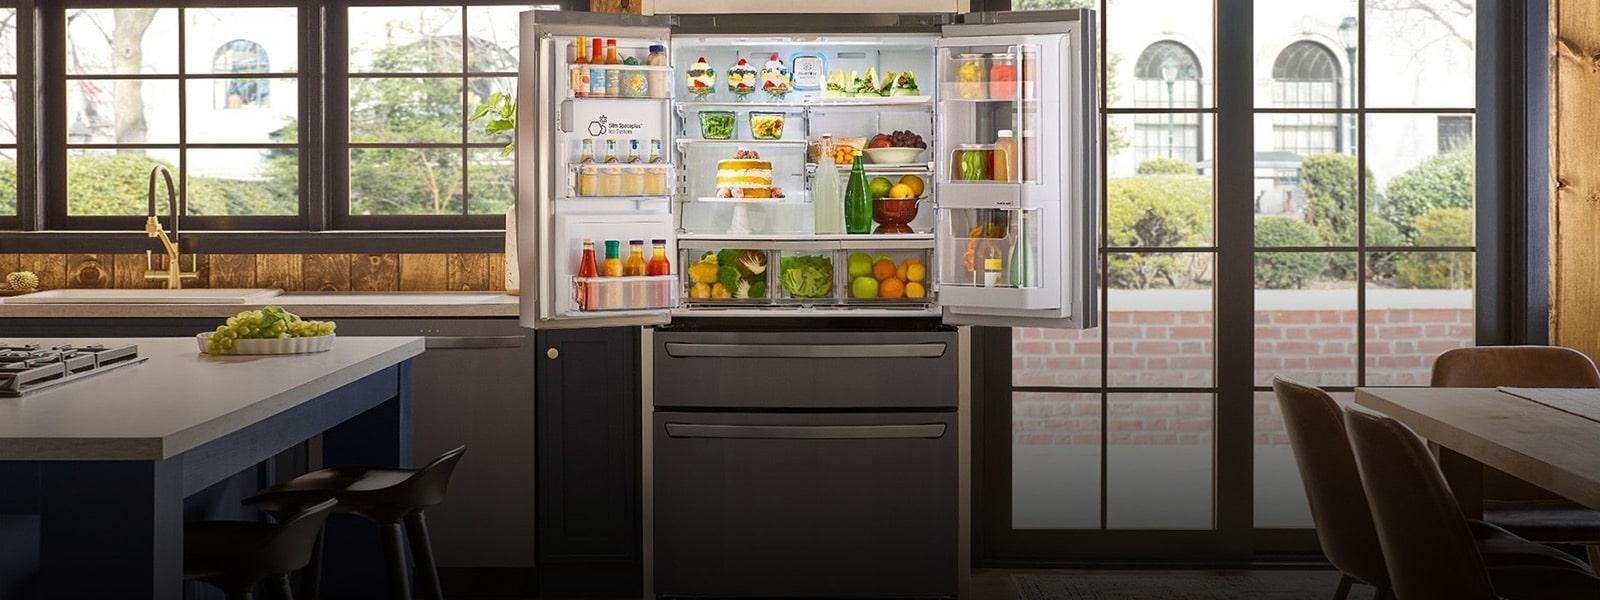 Best Top Freezer Refrigerators 2020.Lg Large Capacity Refrigerators Get Extra Storage Lg Usa